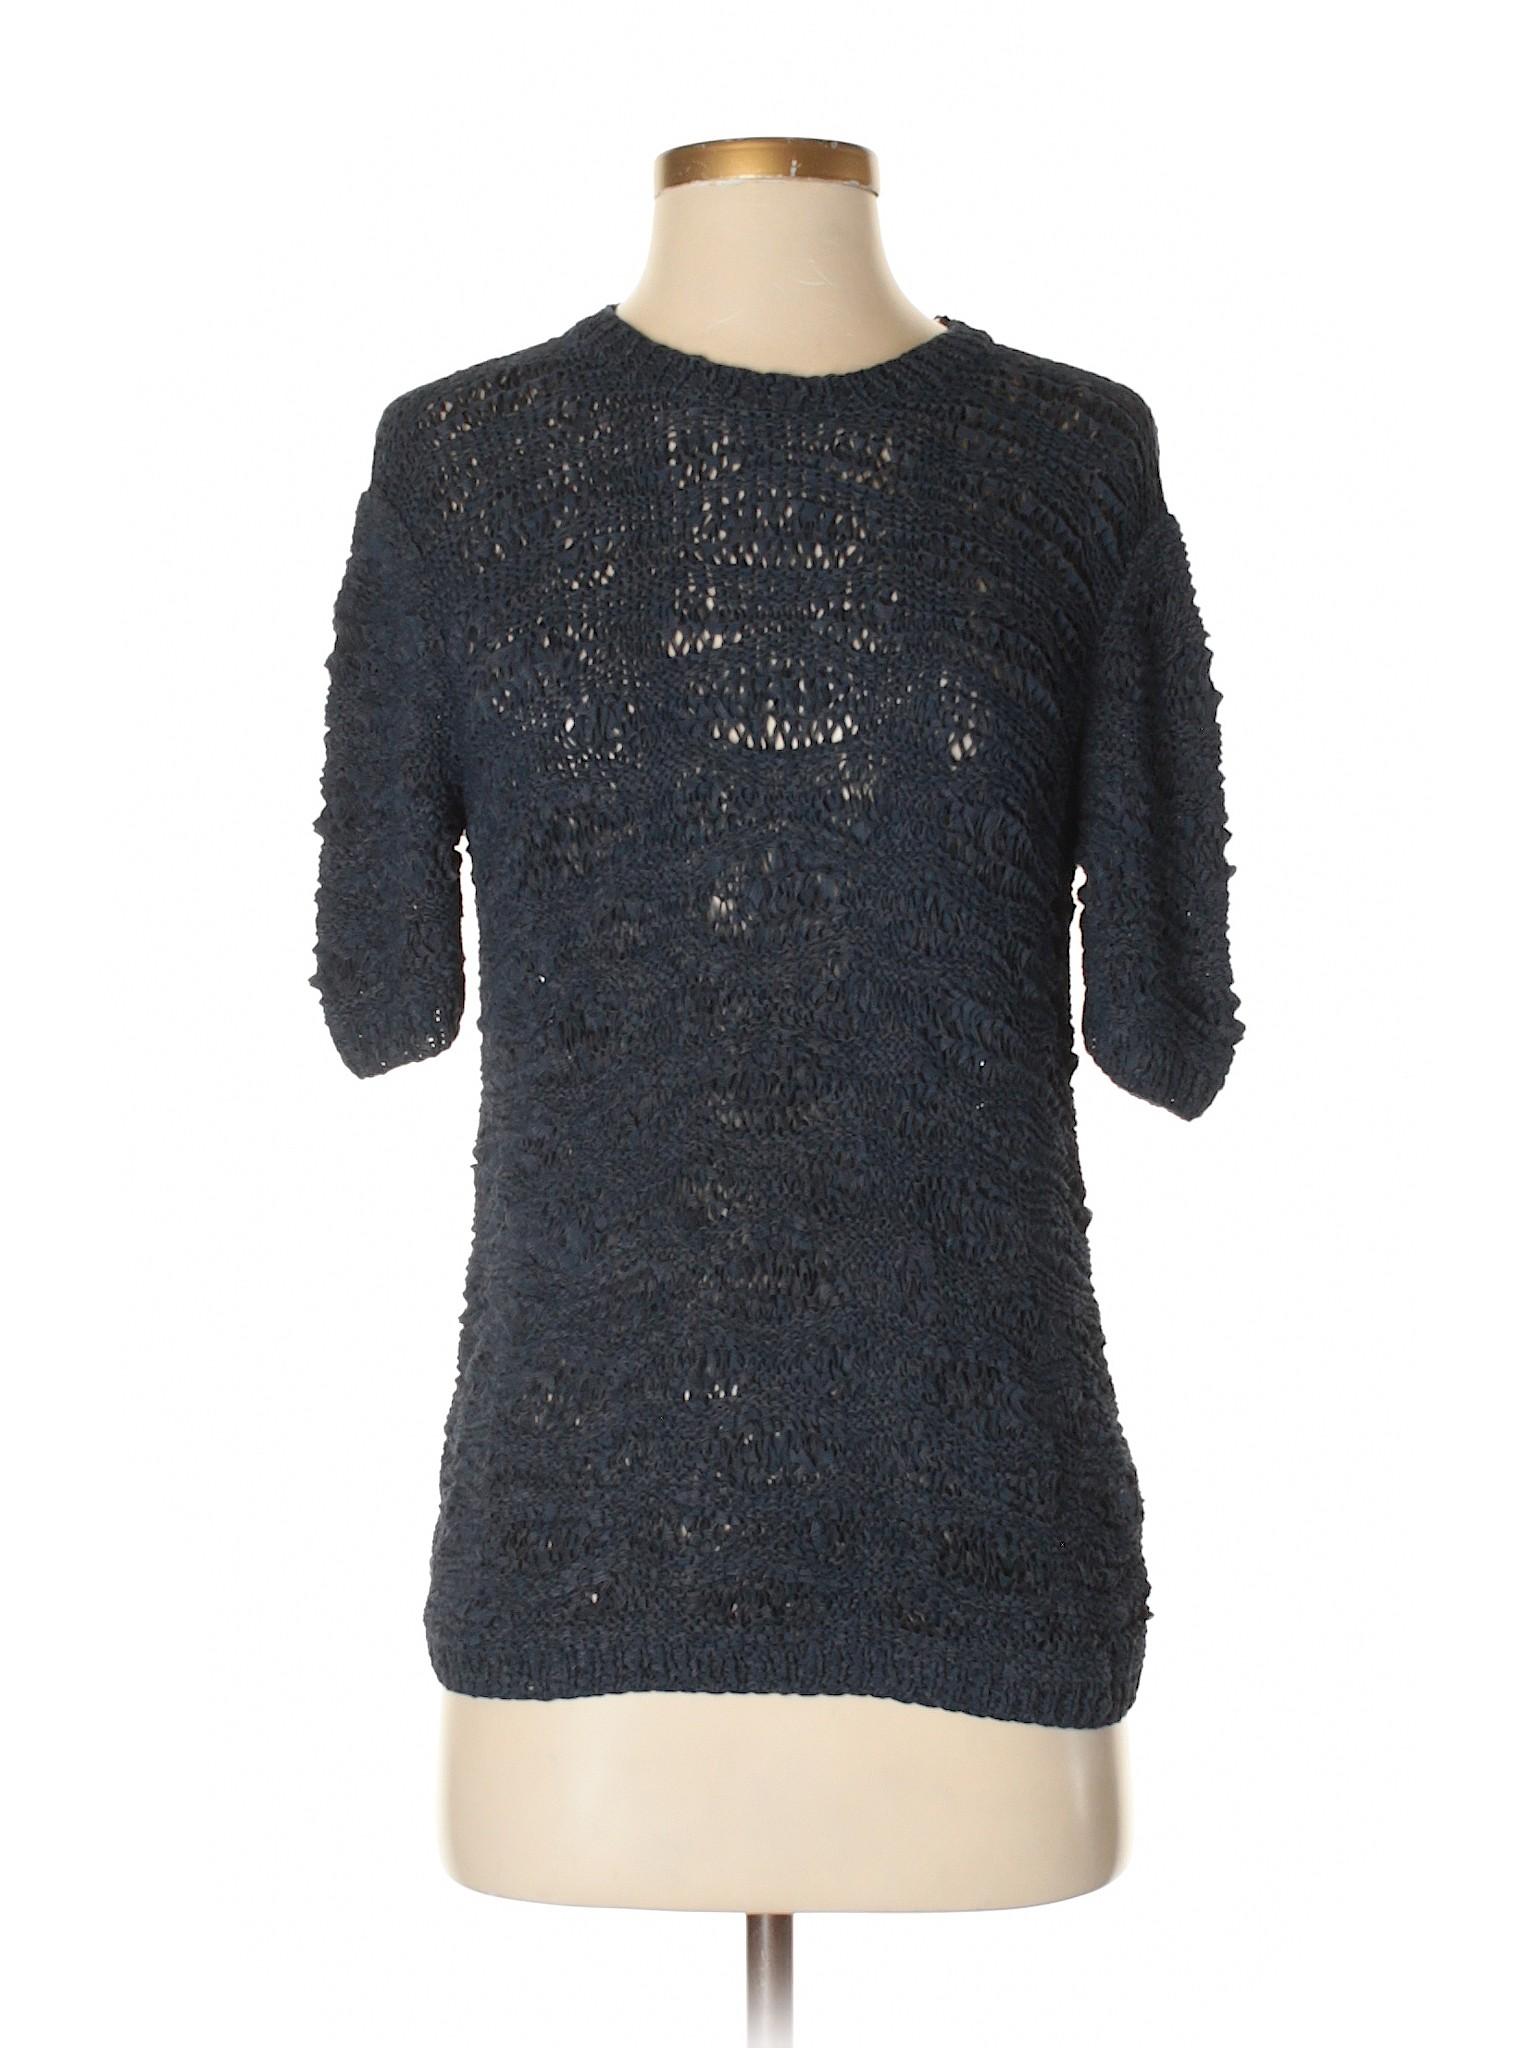 Pullover Pullover Sweater TSE Silk Boutique TSE Sweater Boutique Silk 7t0xq